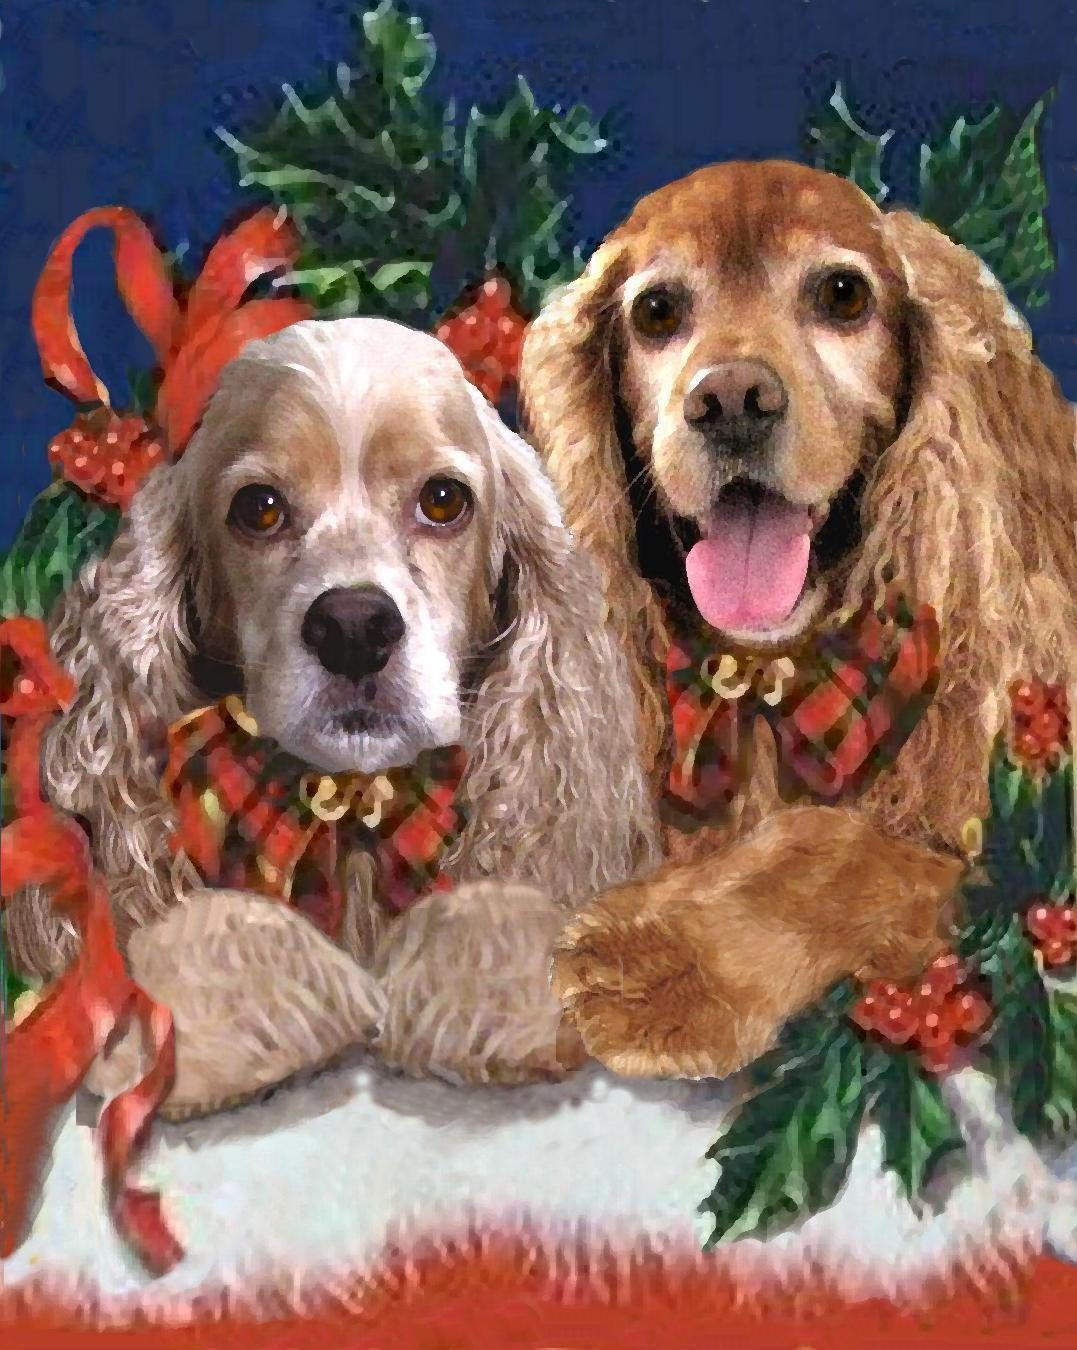 Christmas Cocker Spaniel Linda S Dd And Moxie Cocker Spaniel Cocker Spaniel Puppies Dog Paintings